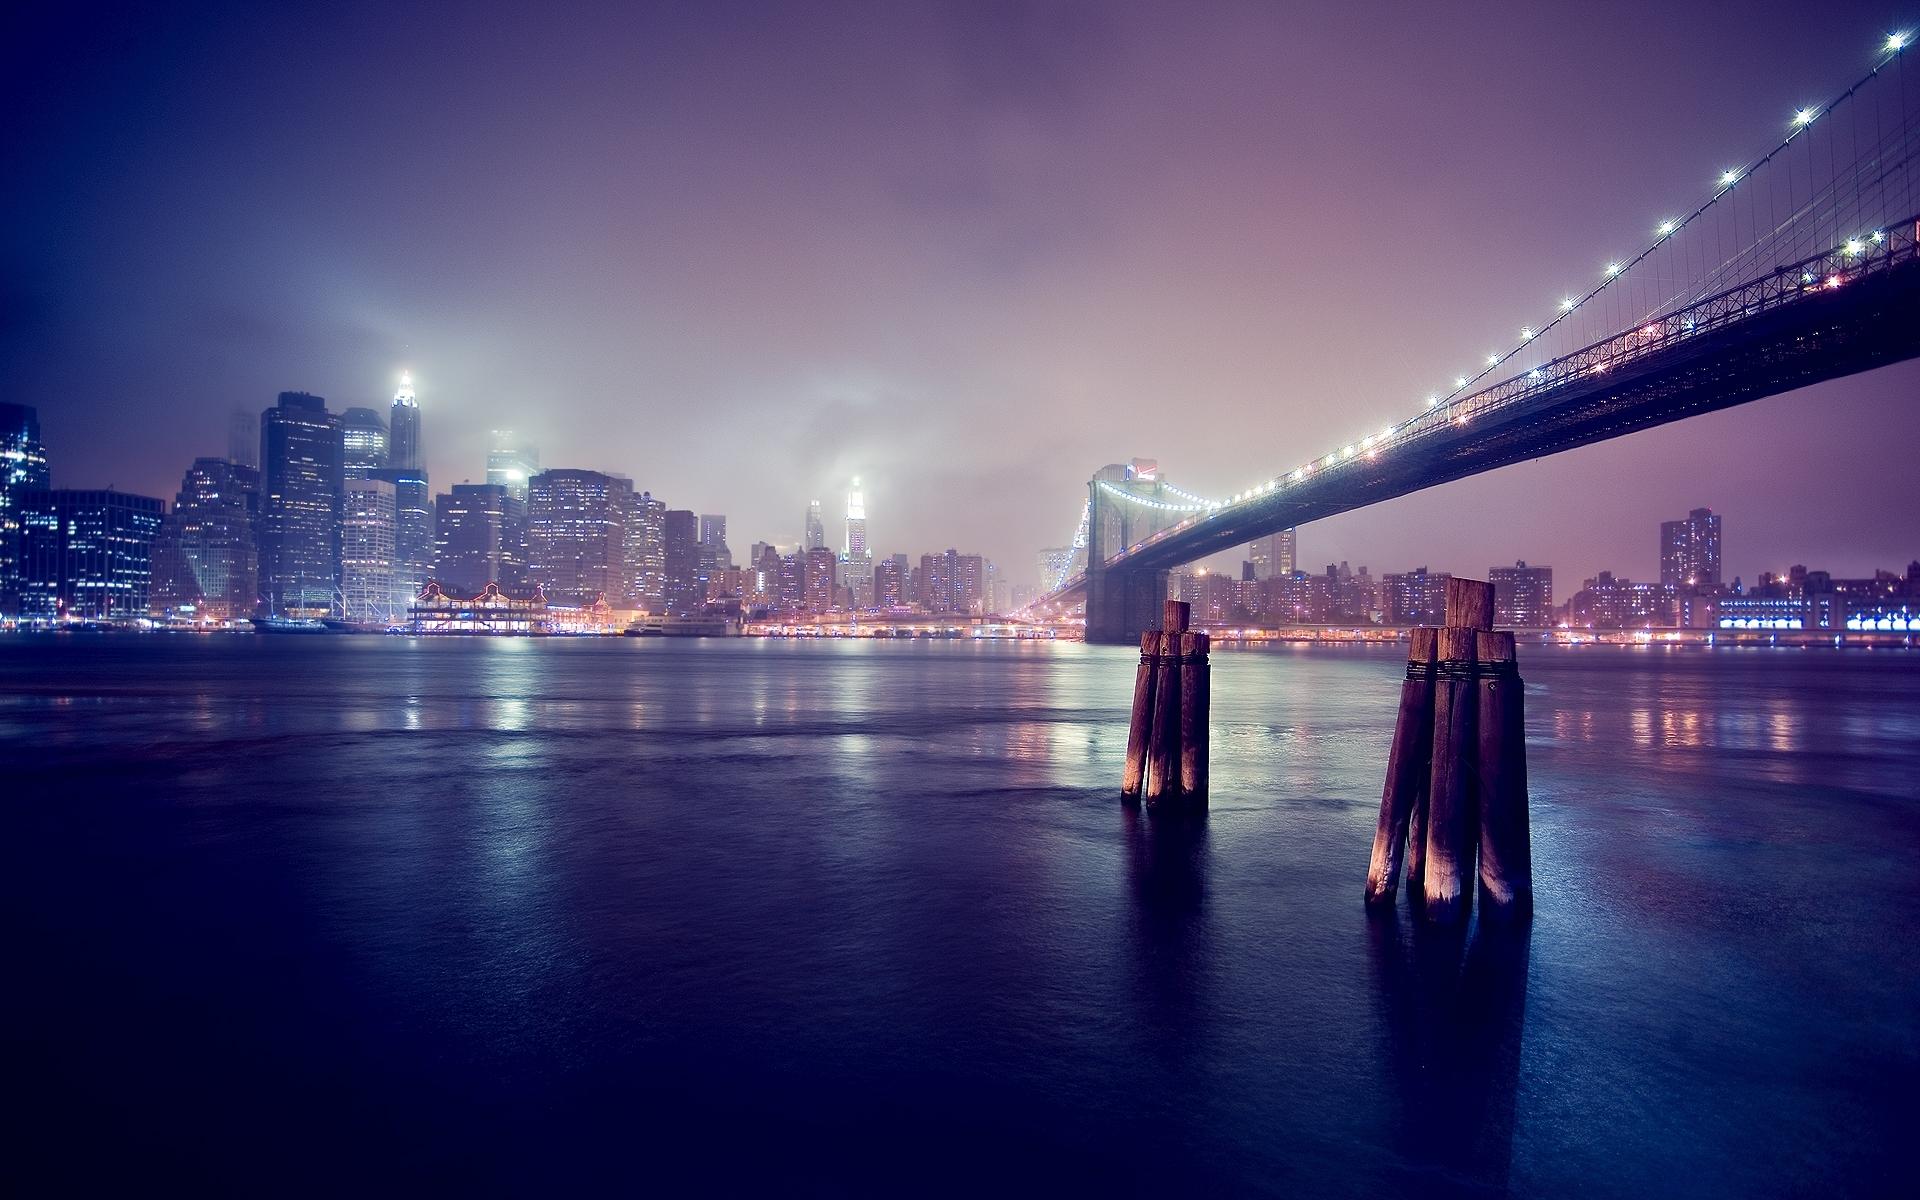 2735 скачать обои Пейзаж, Города, Река, Мосты - заставки и картинки бесплатно